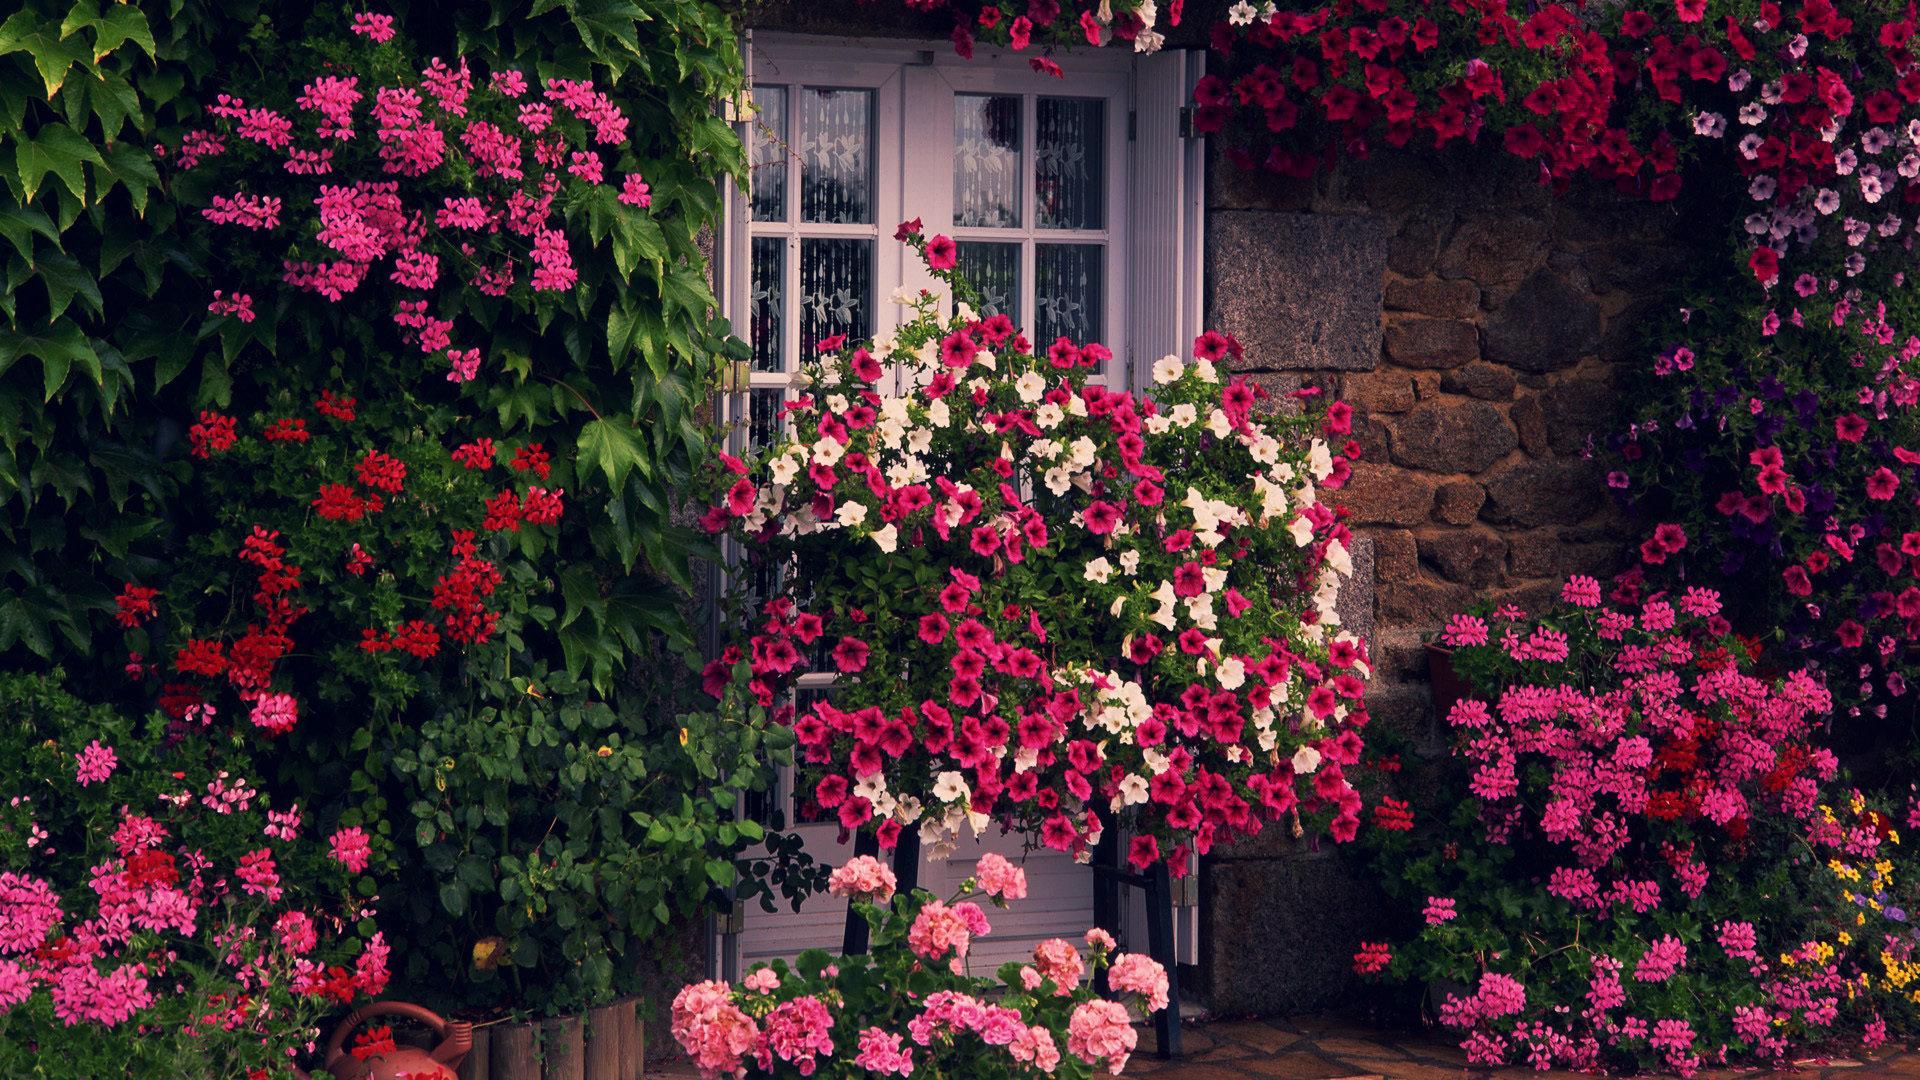 Garden Wallpapers 1920x1080 Full HD (1080p) Desktop